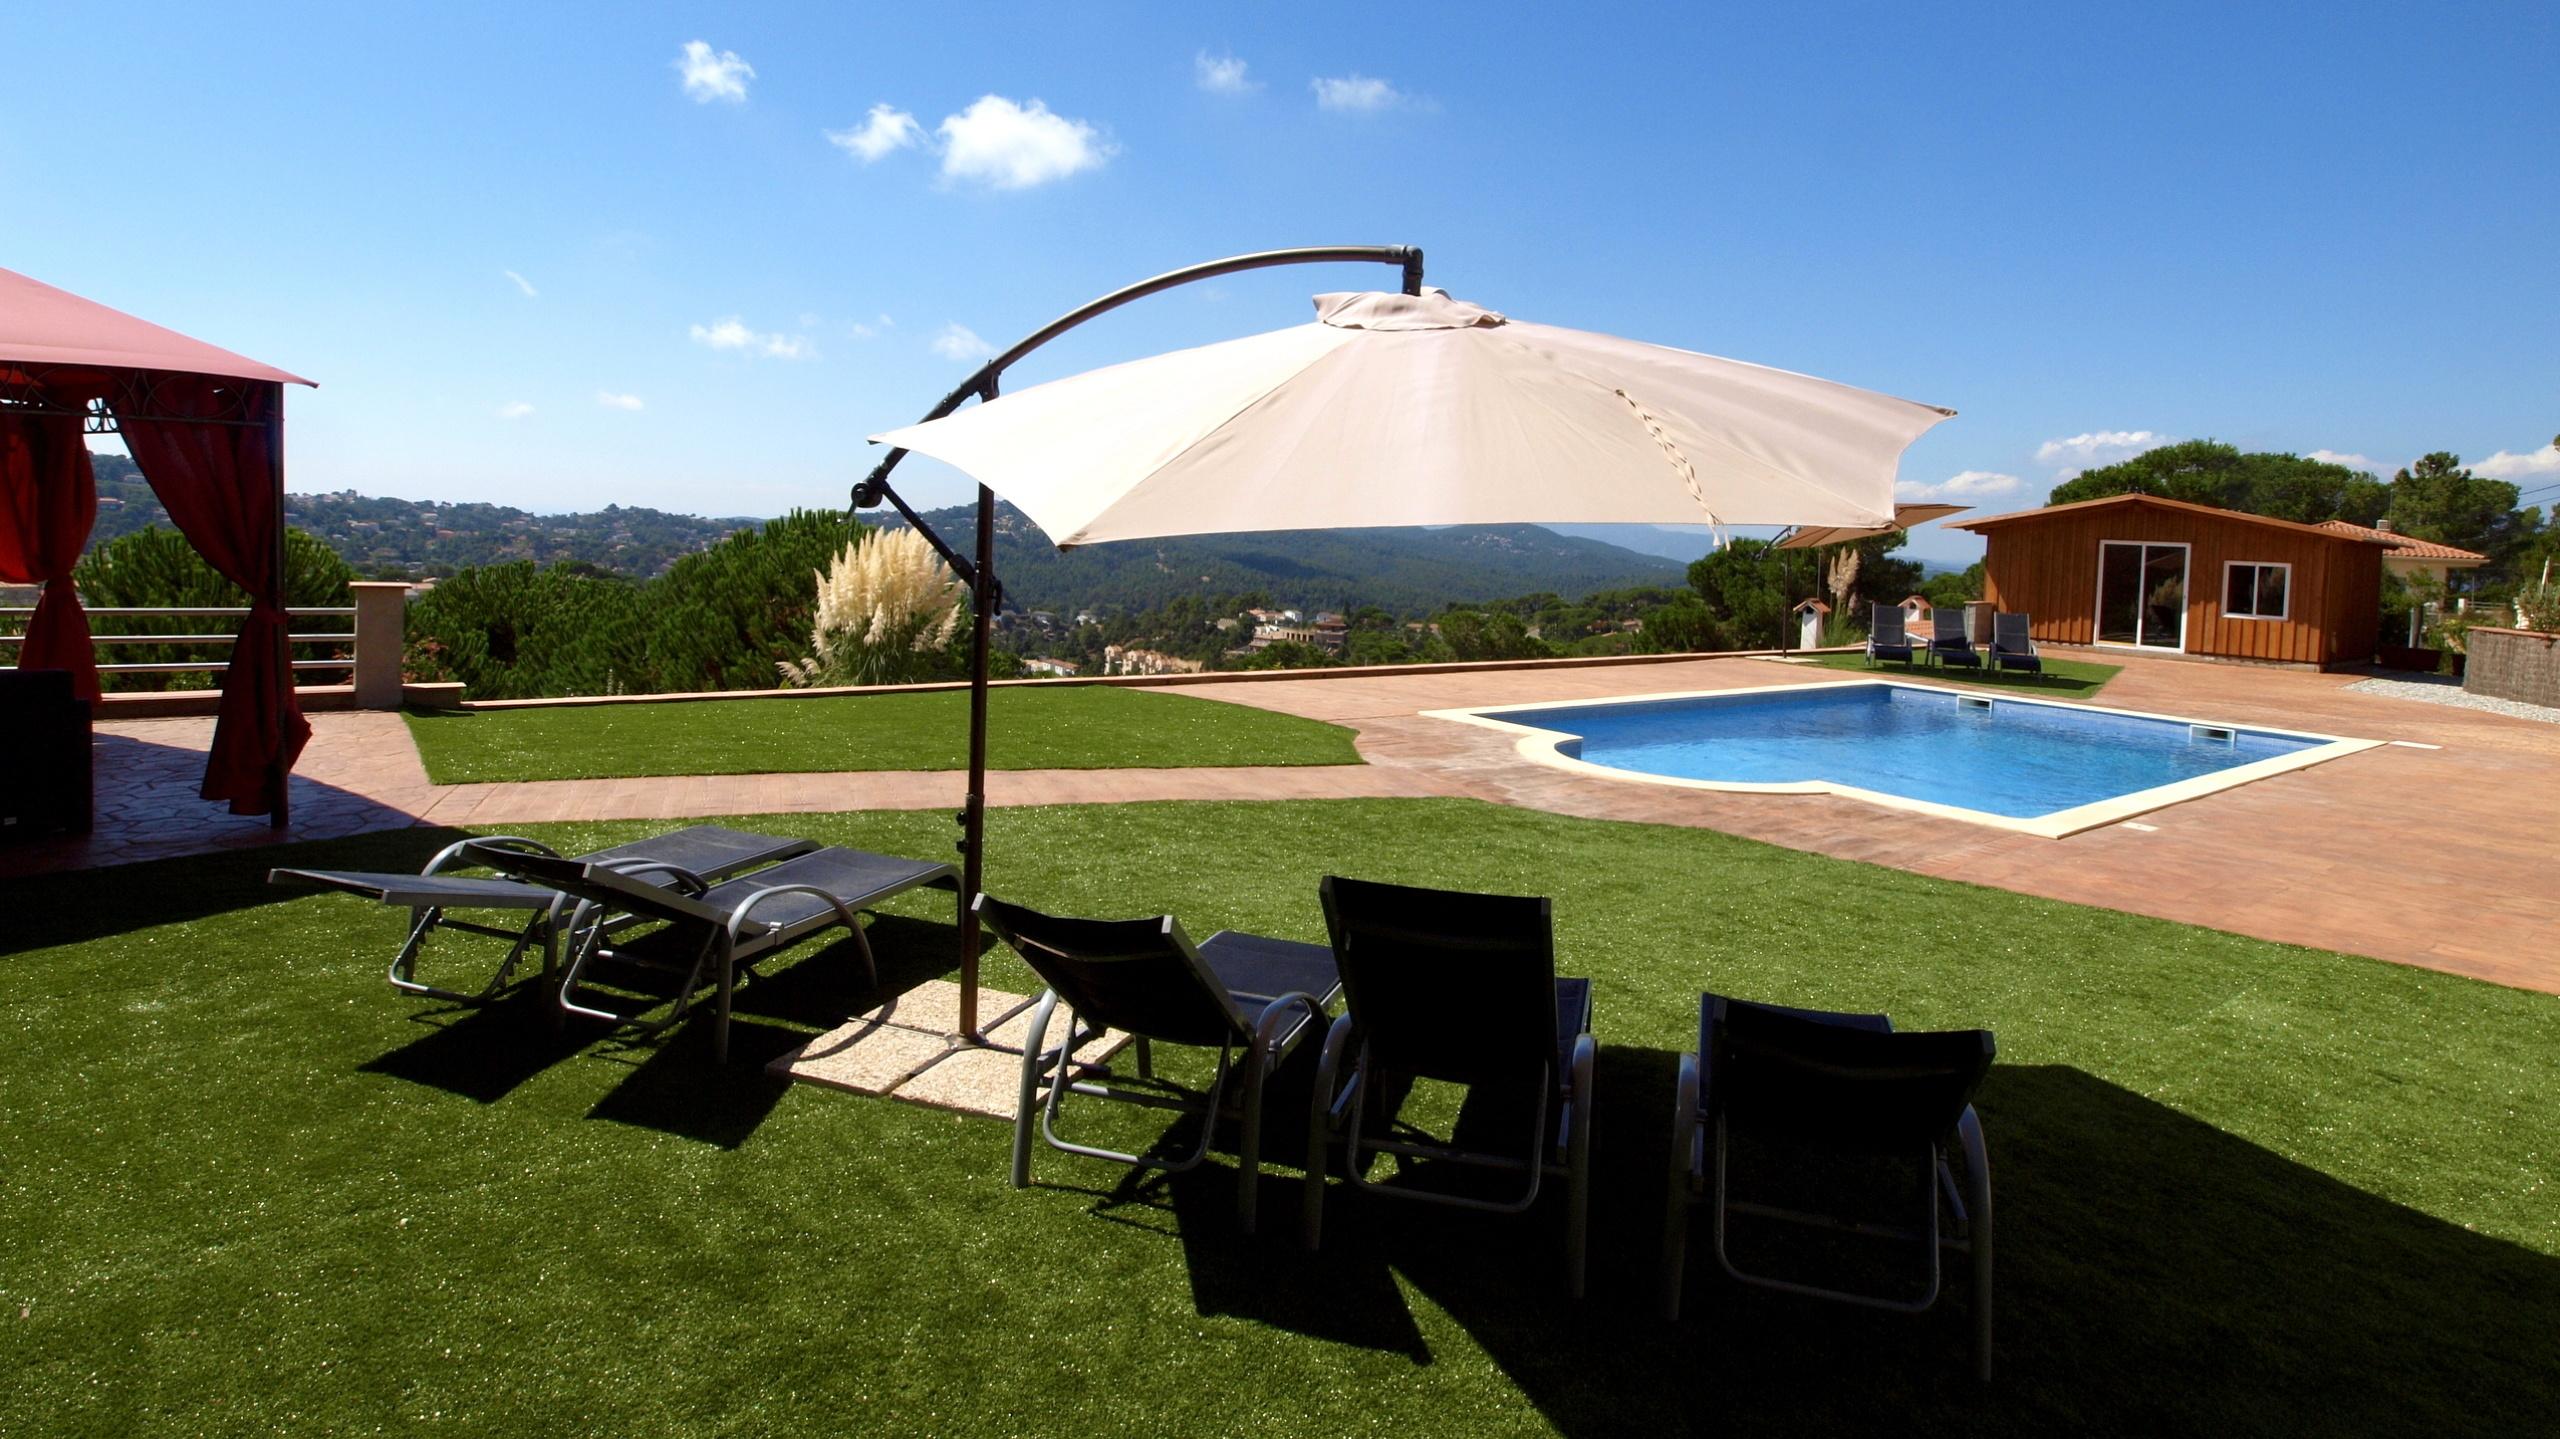 Finden Sie Ihre Ferienwohnung In Spanien Hier An Der Costa Brava ... Baum Fur Den Garten Outdoor Bereich Perfekt Geeignet